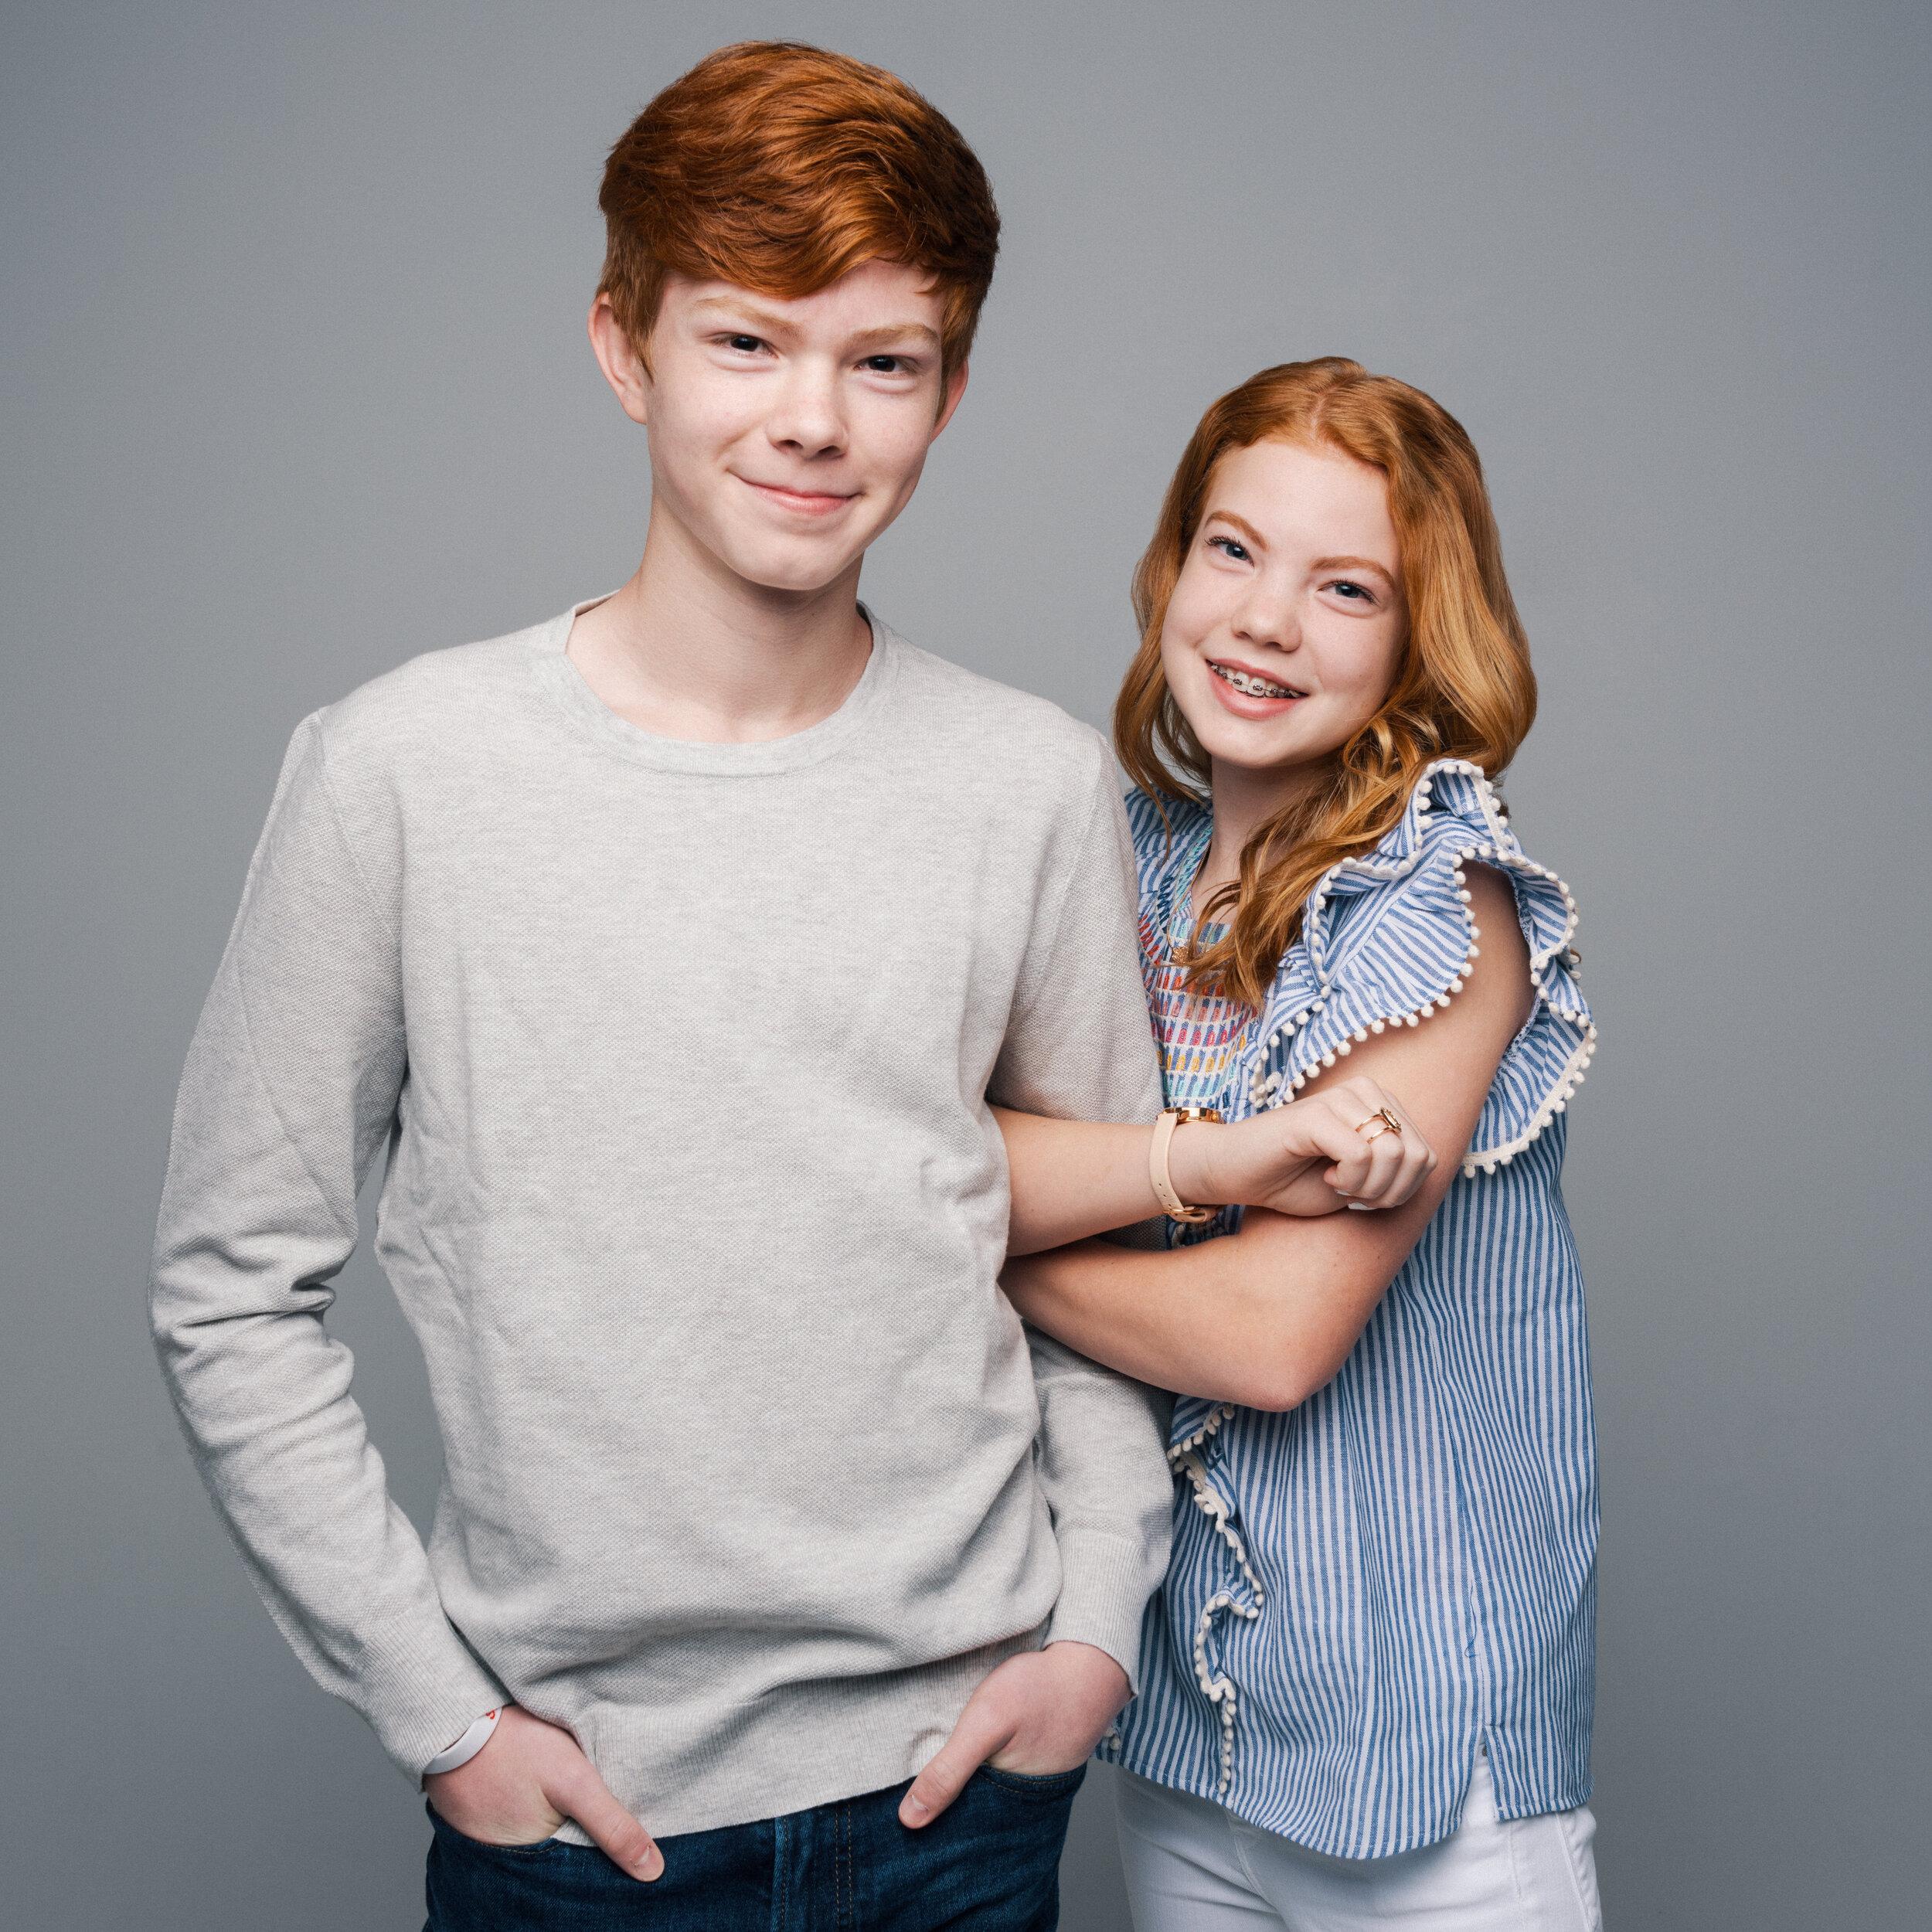 Individuals & Siblings